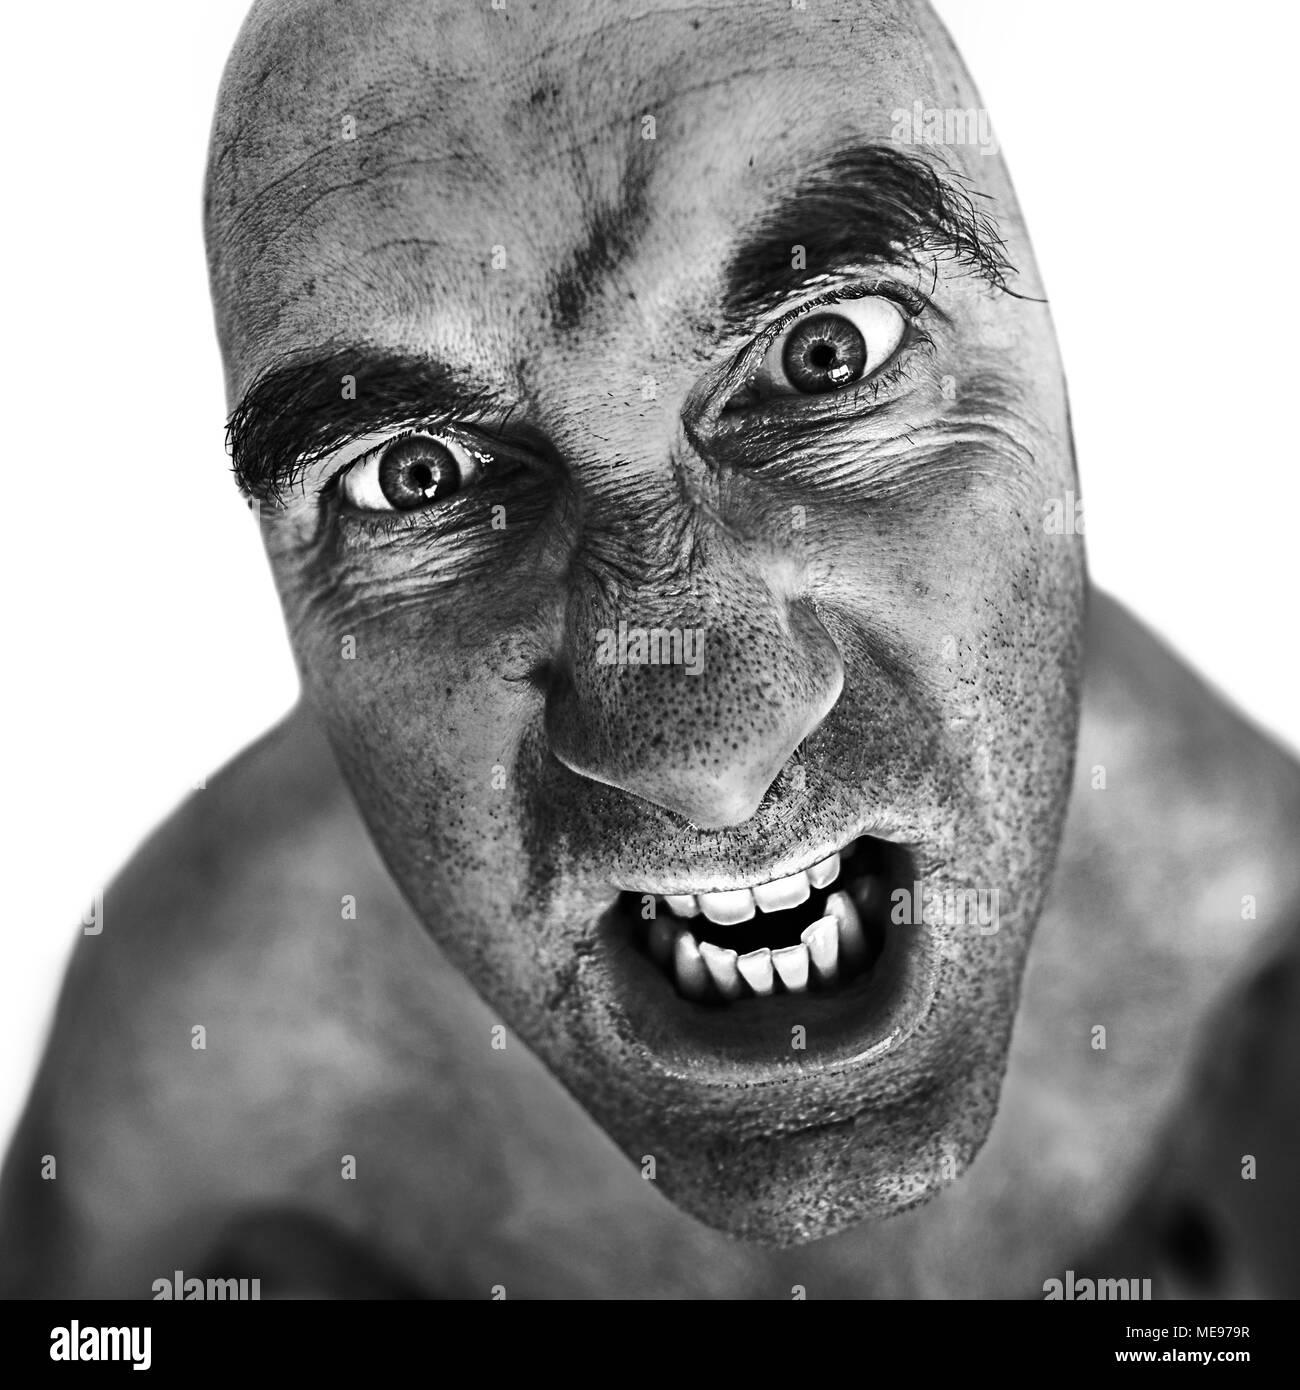 Ritratto in bianco e nero del pazzo uomo elaborati utilizzando l'effetto dragan. Immagini Stock